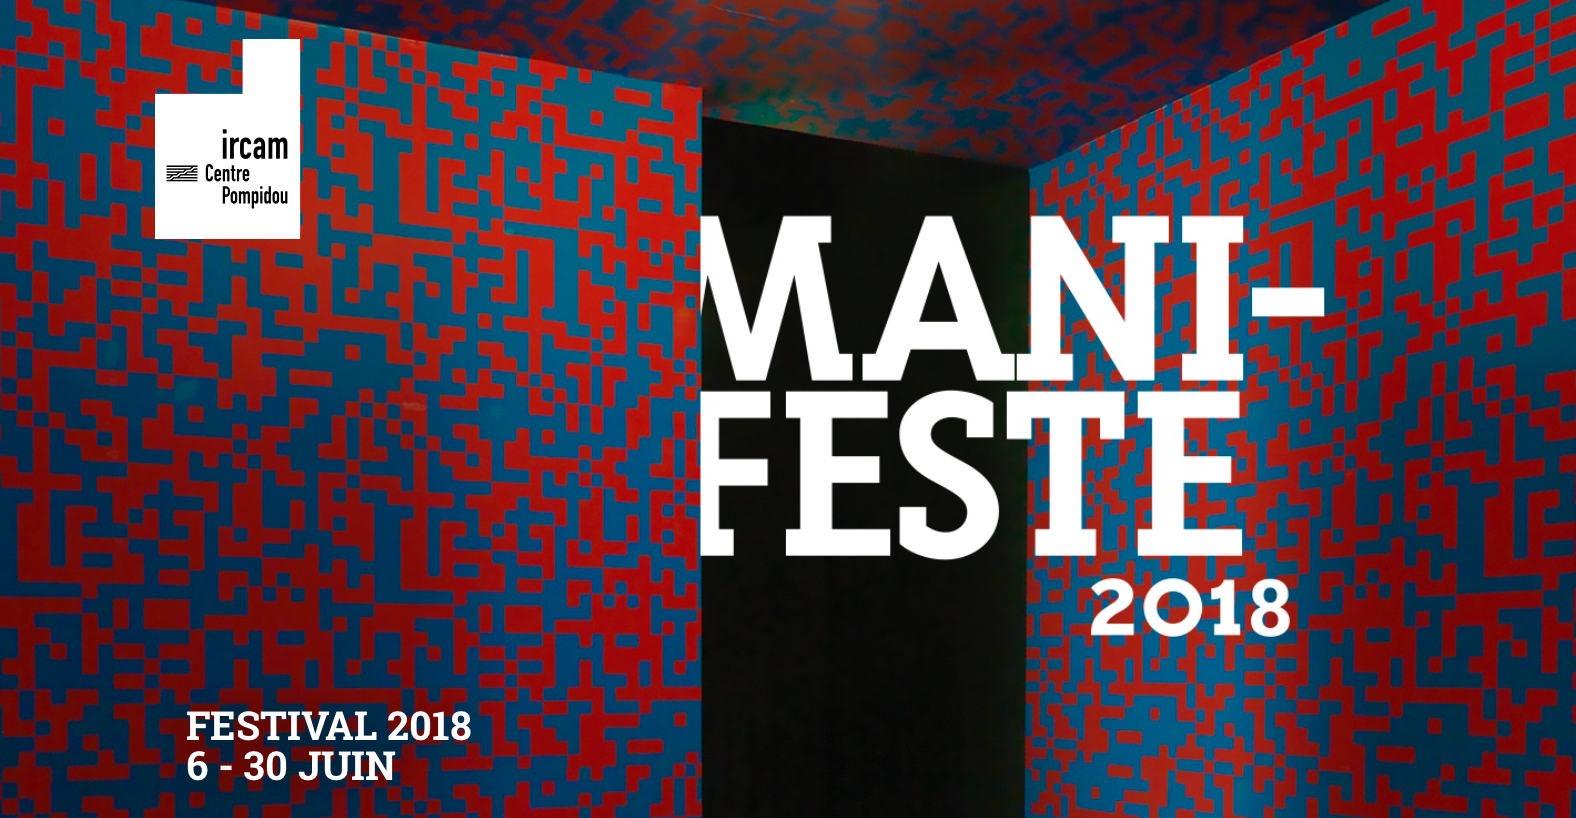 MANIFESTE FESTIVAL 2018